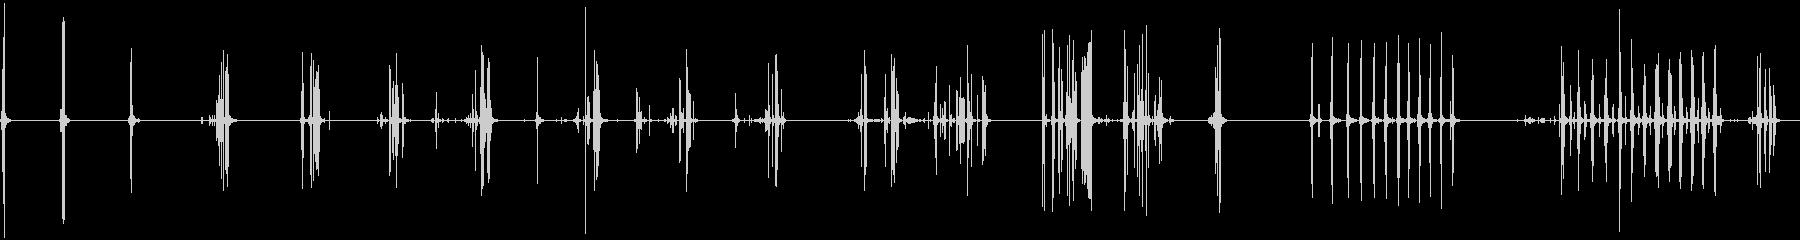 ベルクロ、リップ、プル、ショート、...の未再生の波形